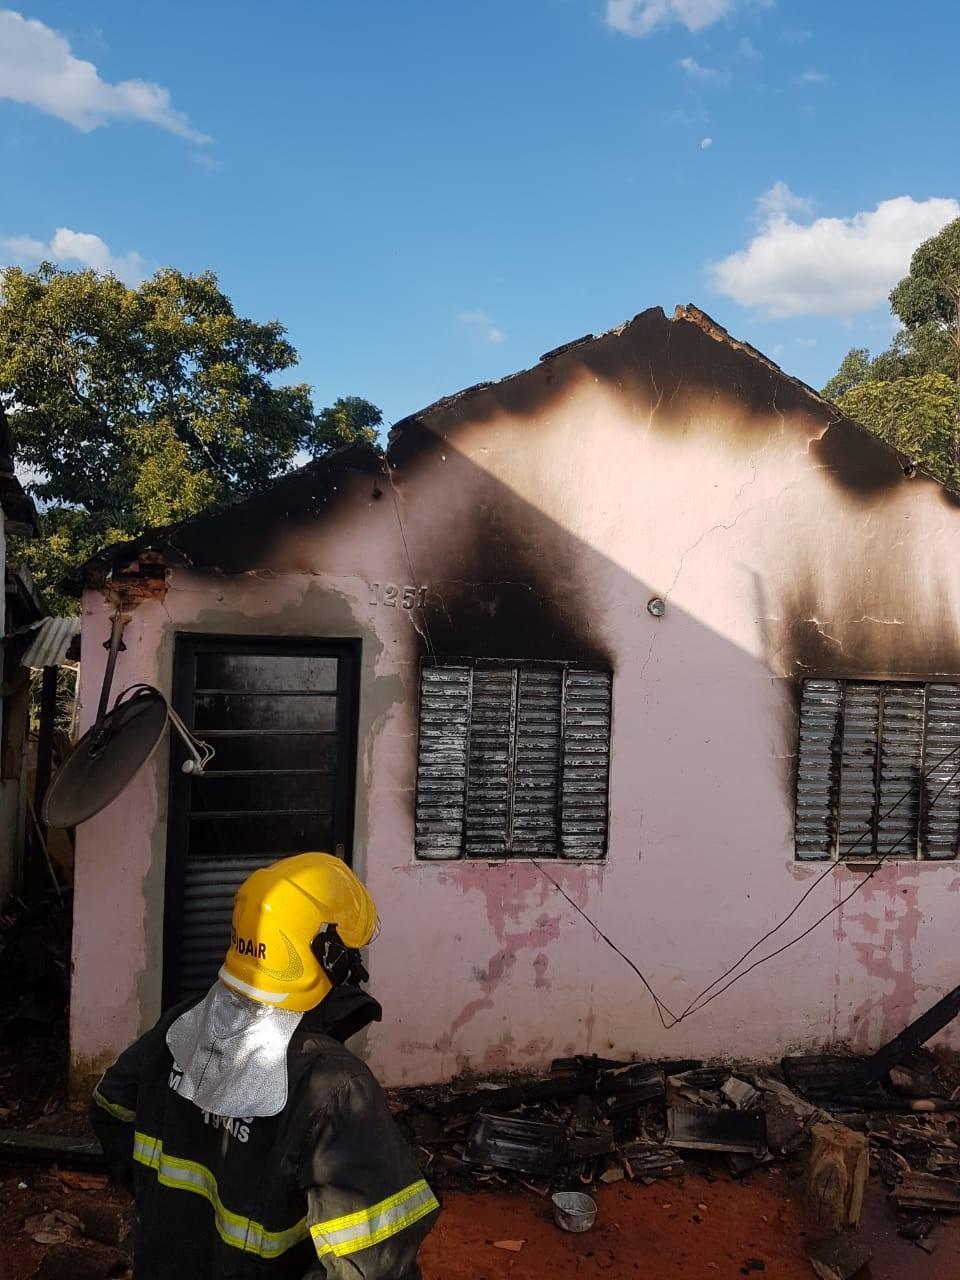 Adolescente de 15 anos é apreendida depois de colocar fogo na própria casa em Ibertioga